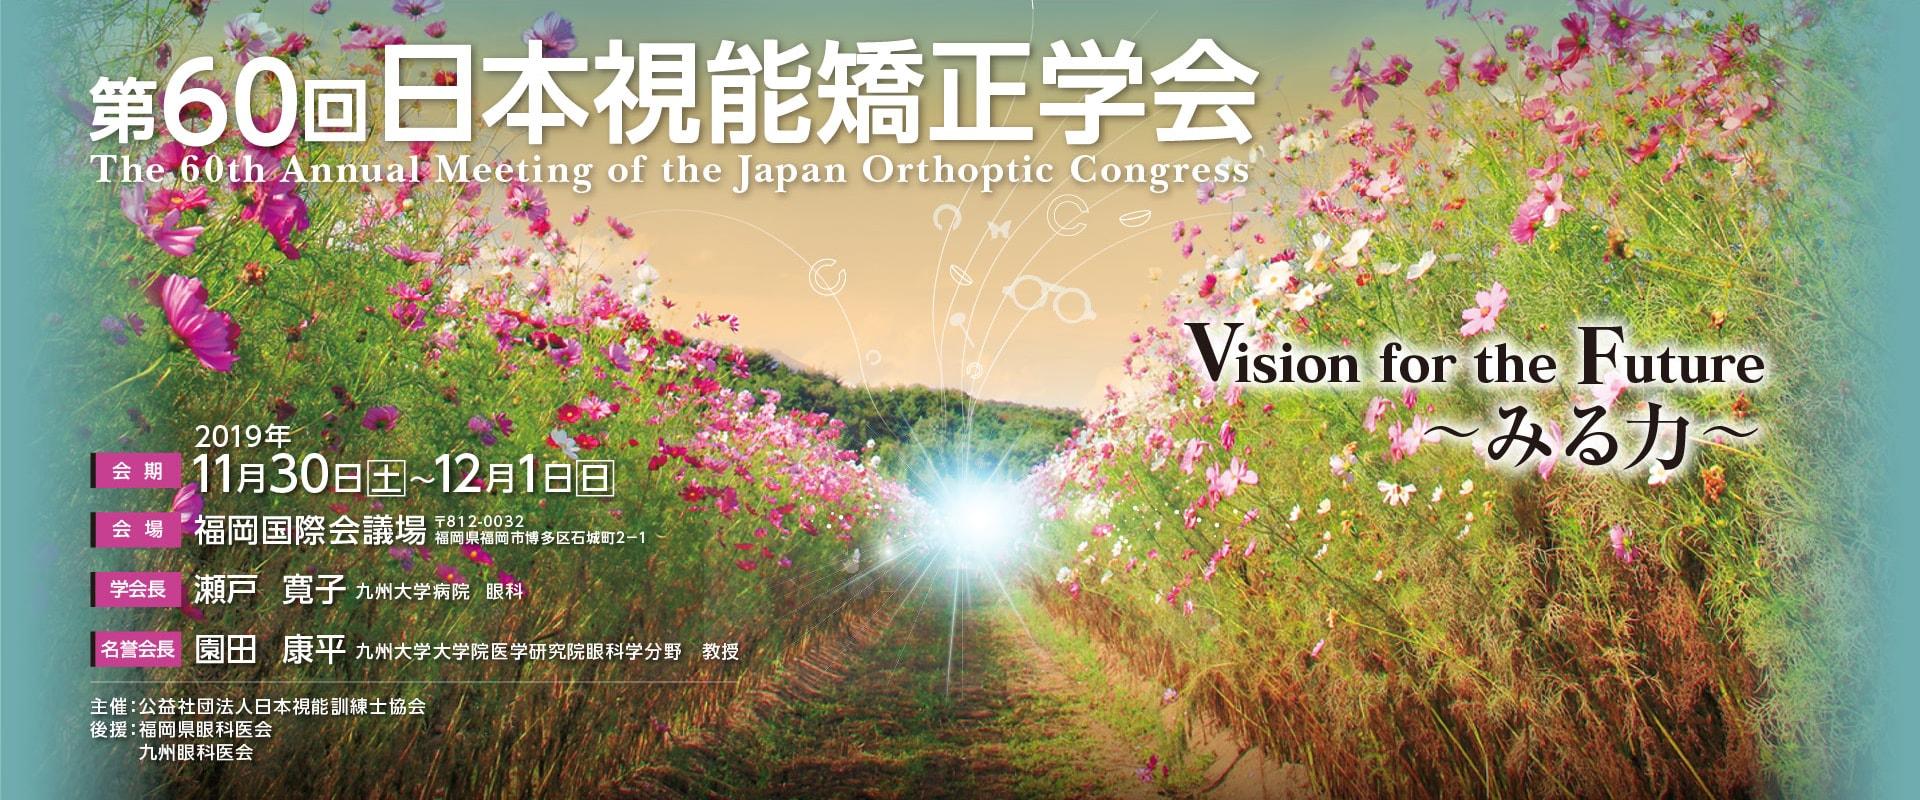 第60回日本視能矯正学会 @ 福岡県国際会議場